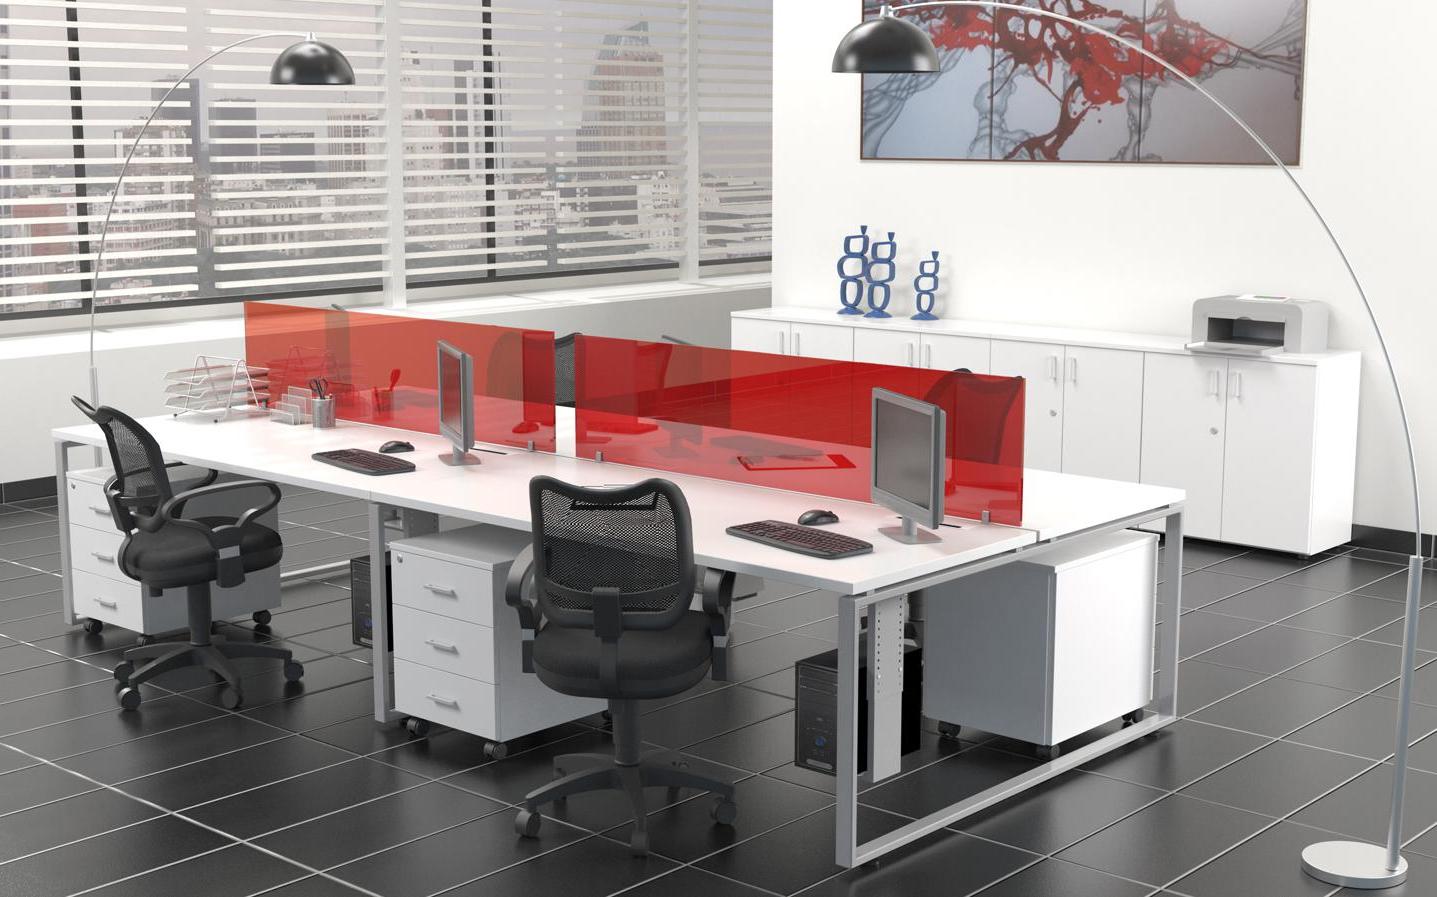 Mobiliario Oficina S5d8 Mobiliario De Oficina Papelerà A Garrigos